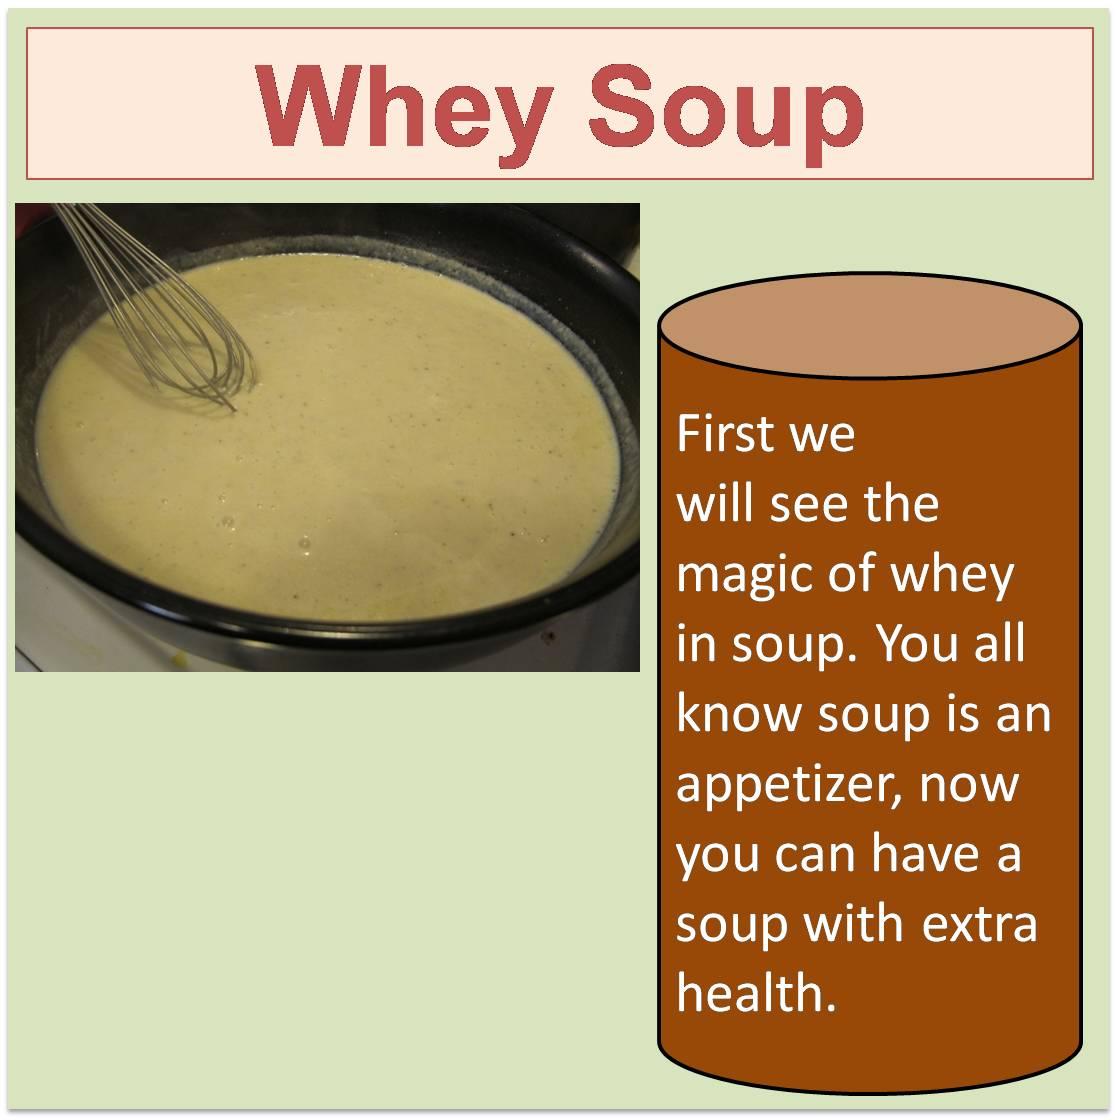 Whey Soup